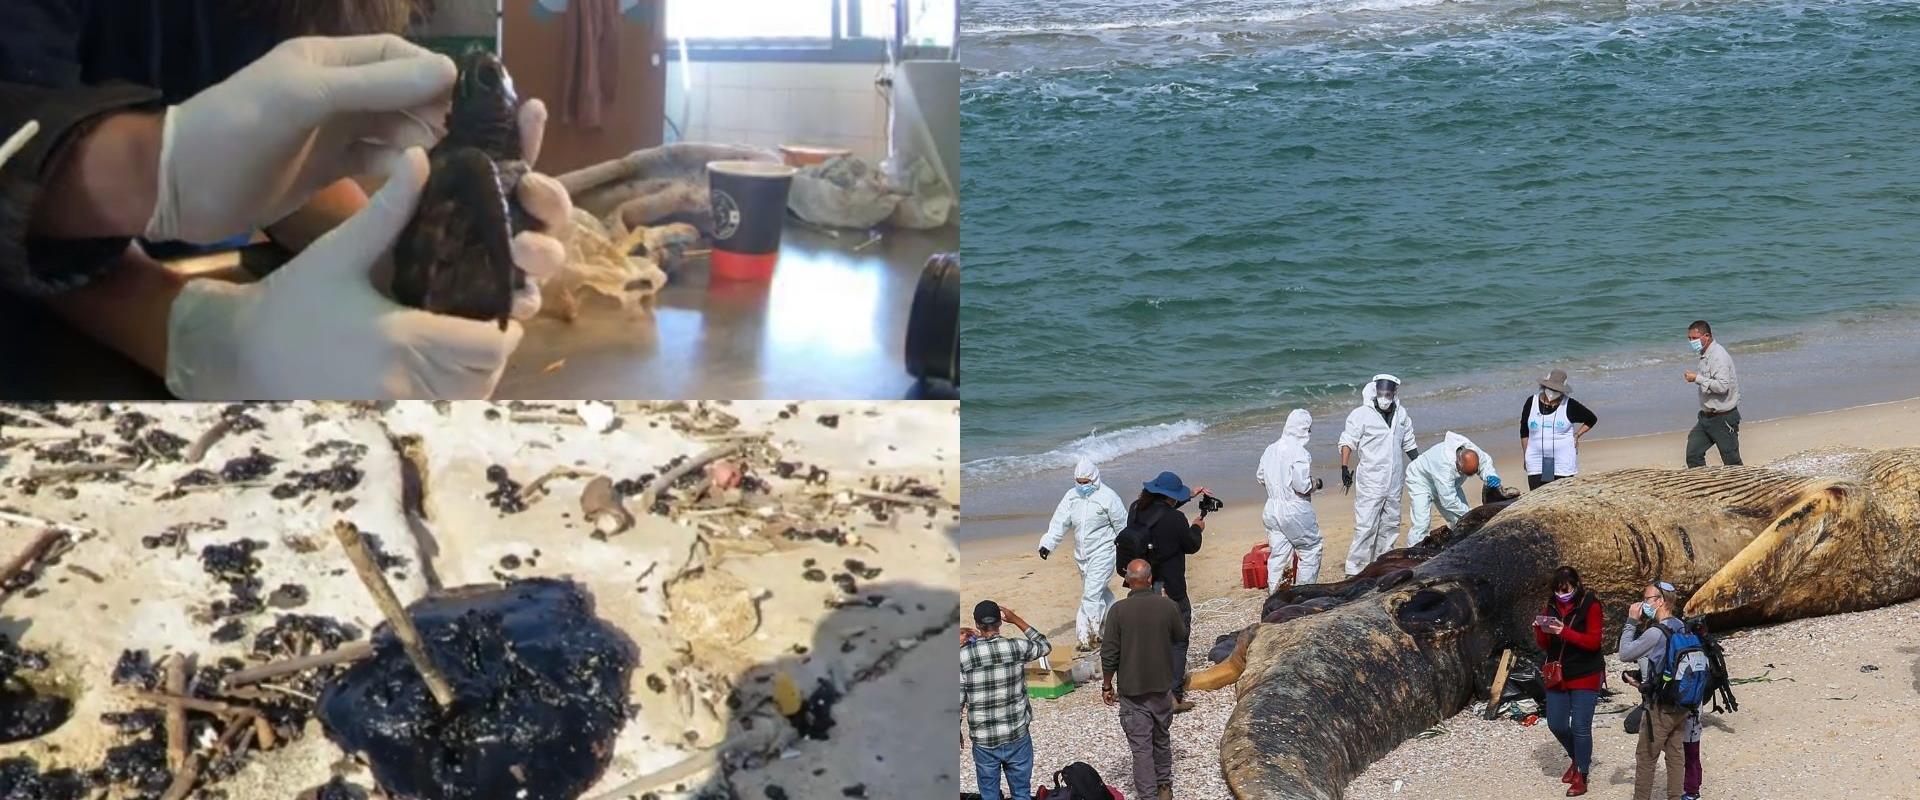 זיהום הנפט בחופים